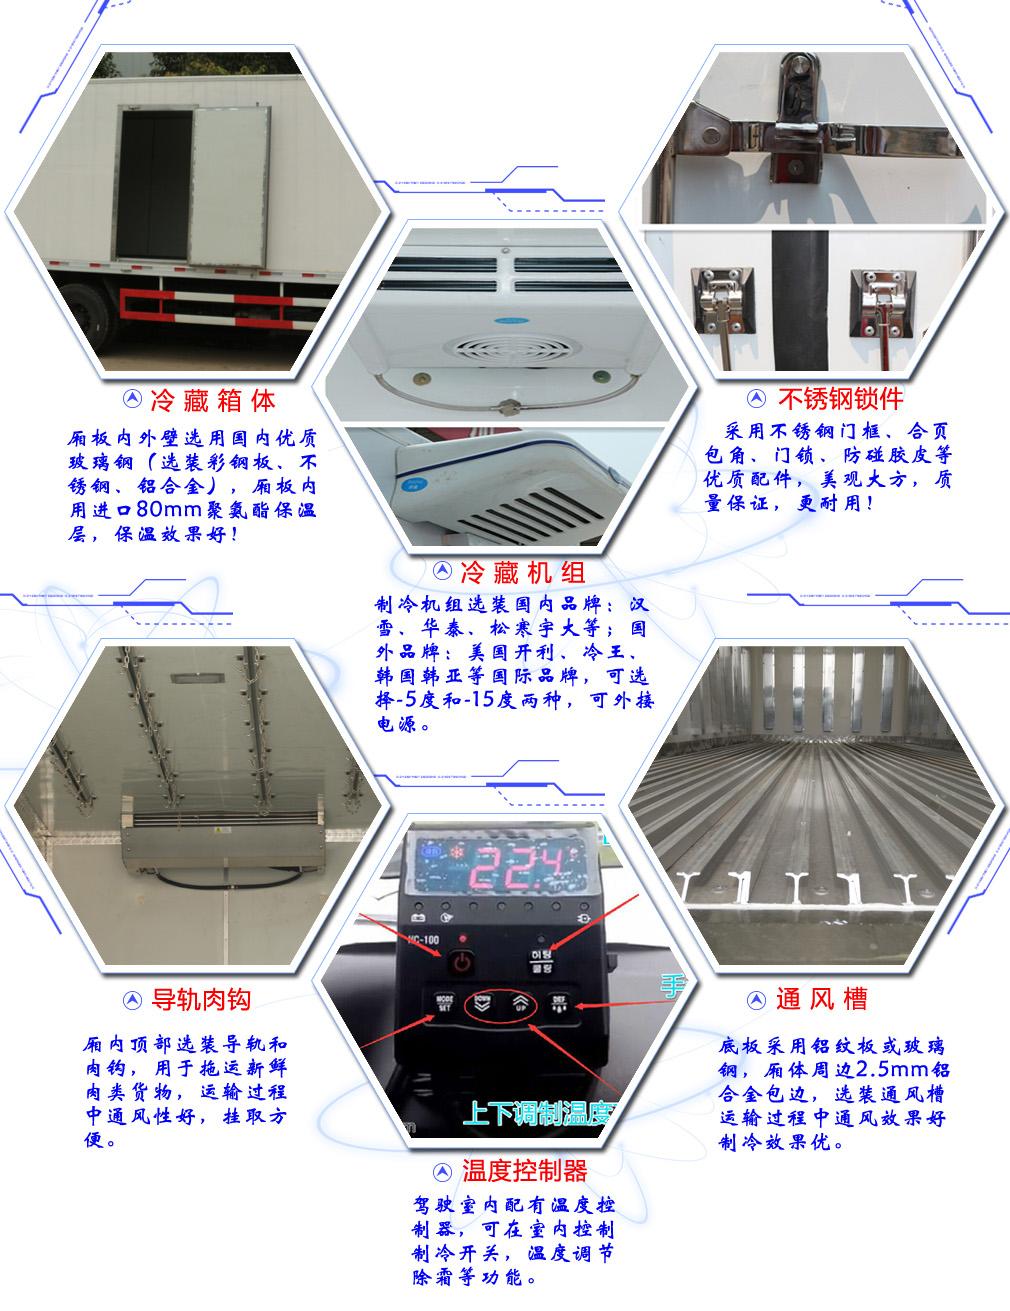 国六福田祥菱冷藏车 3米1货厢冷藏车 小型冷藏保温车 厢式货车示例图11